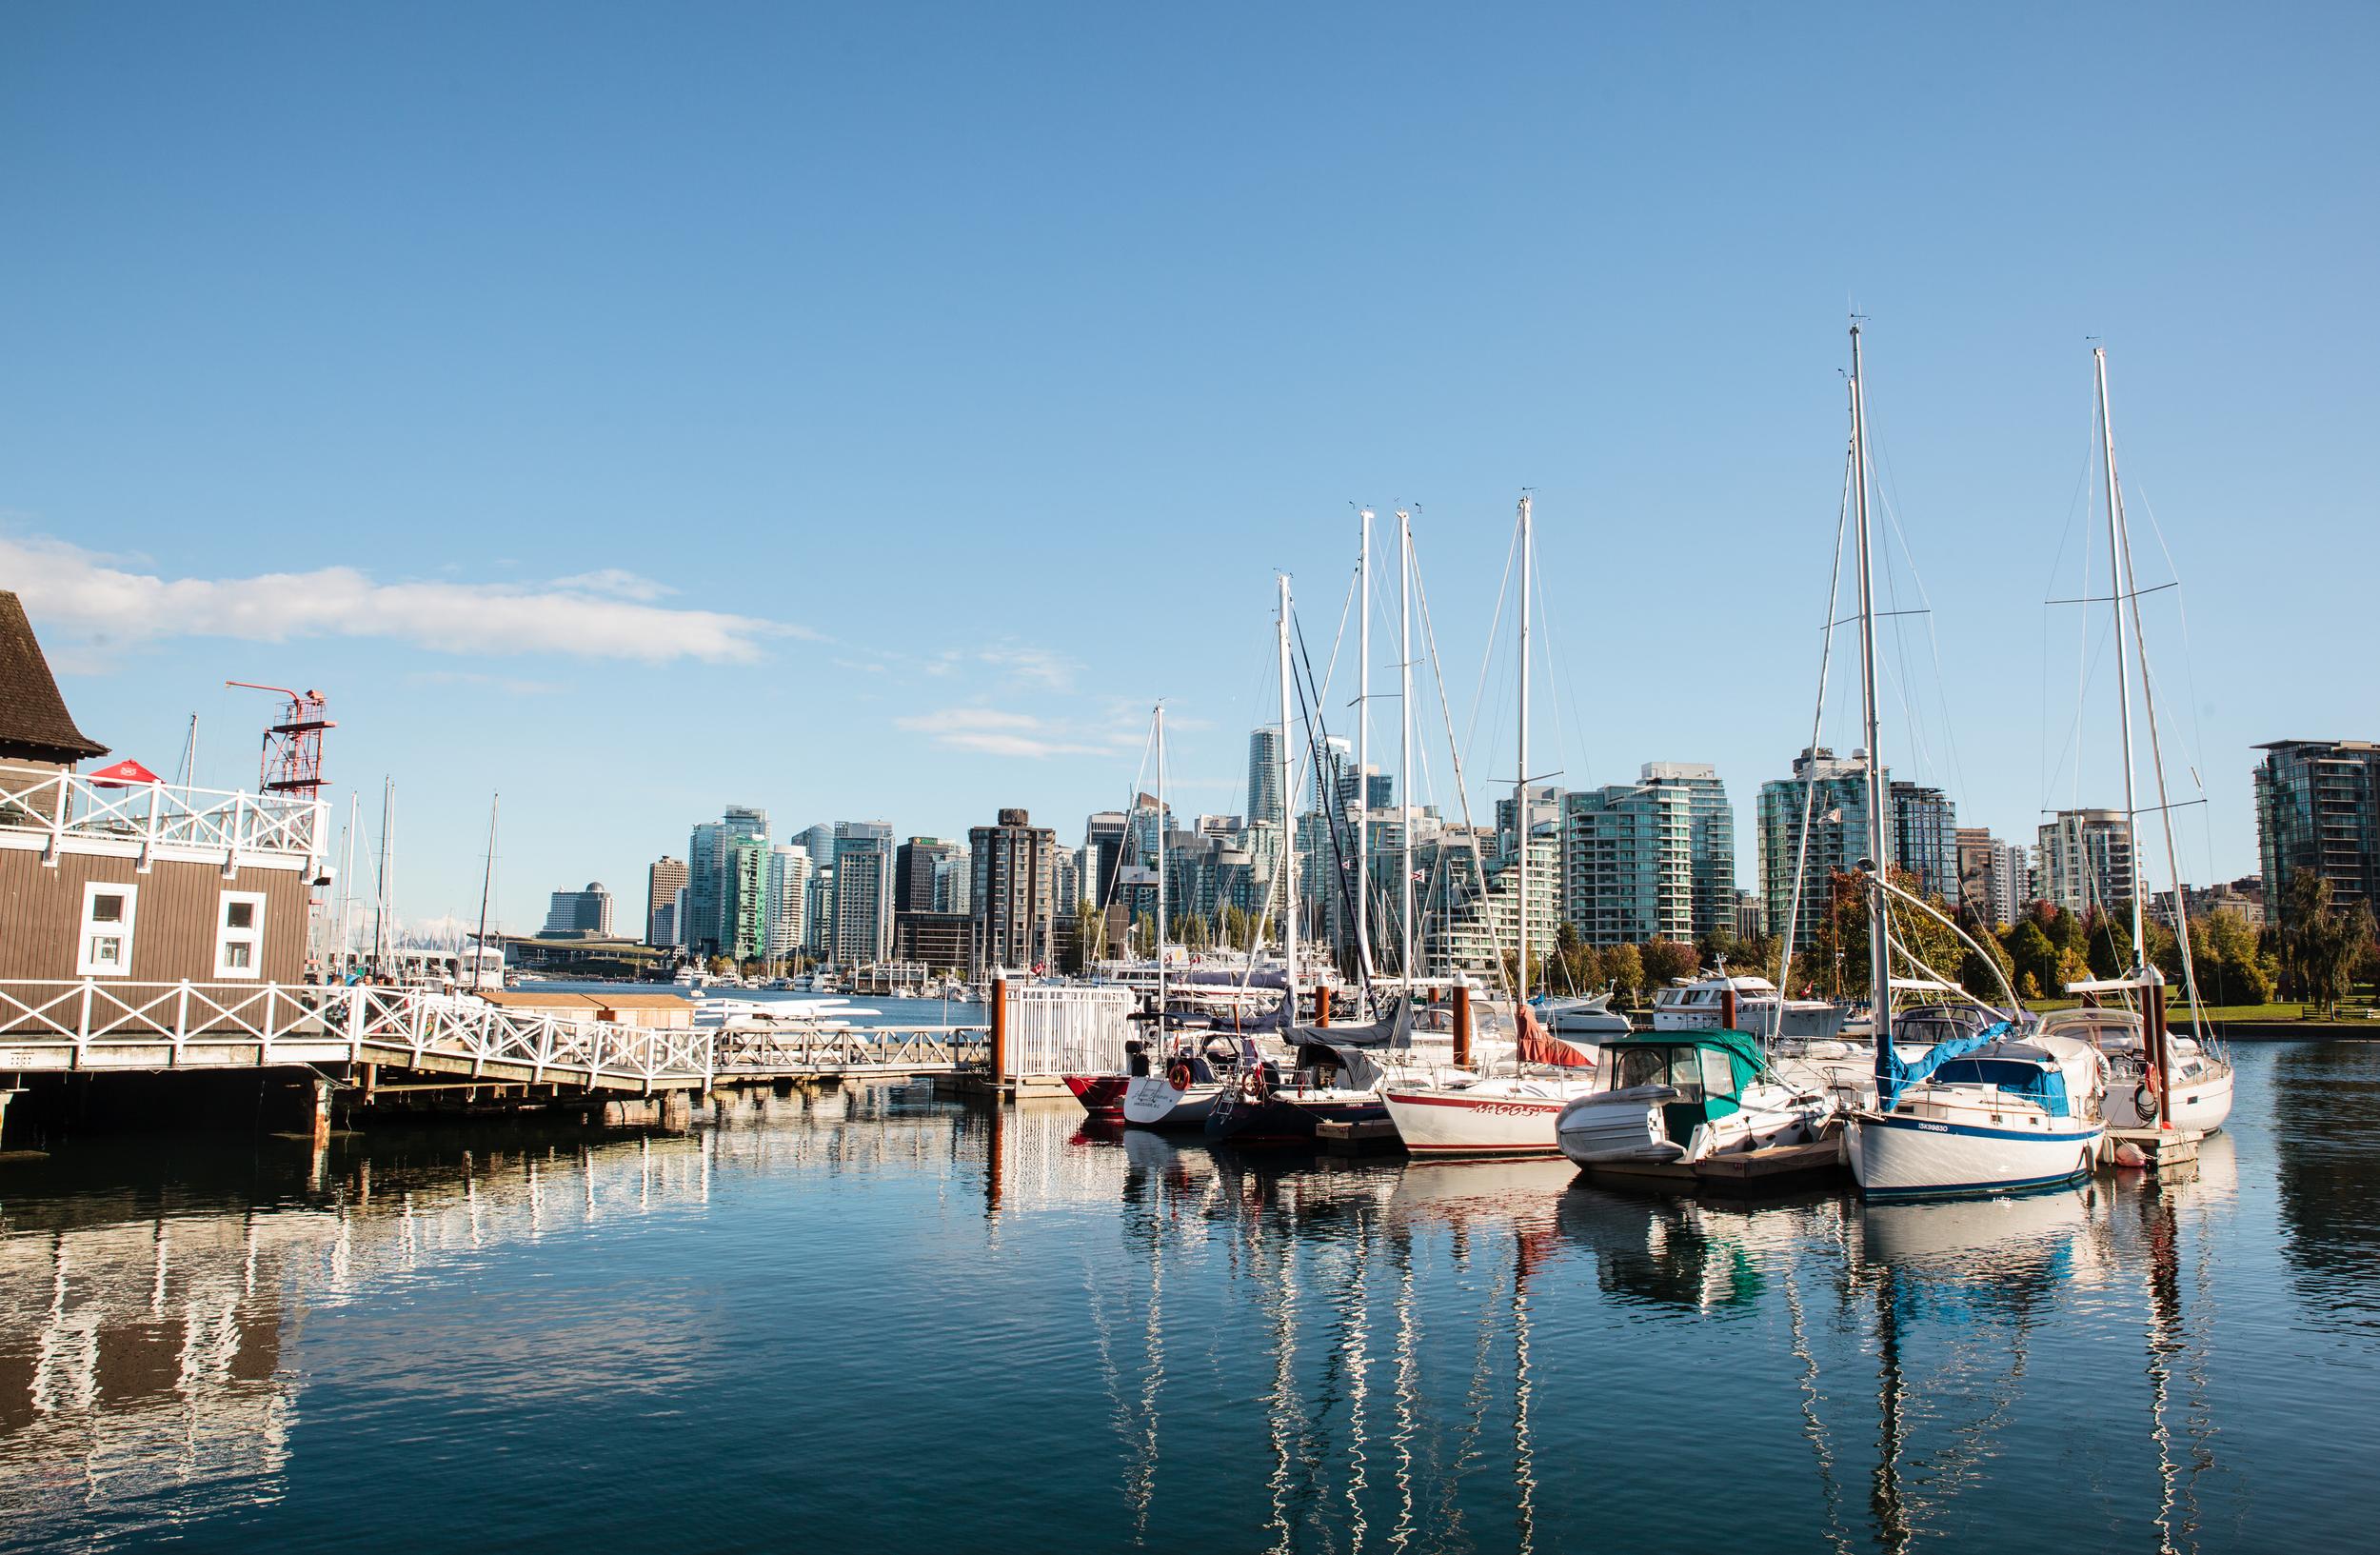 De zee omringt Vancouver. Zoals een moeder haar jongen. De Vancouverites hebben er dan ook een speciale band mee. Hier rusten de jachten in de Coal Harbour.